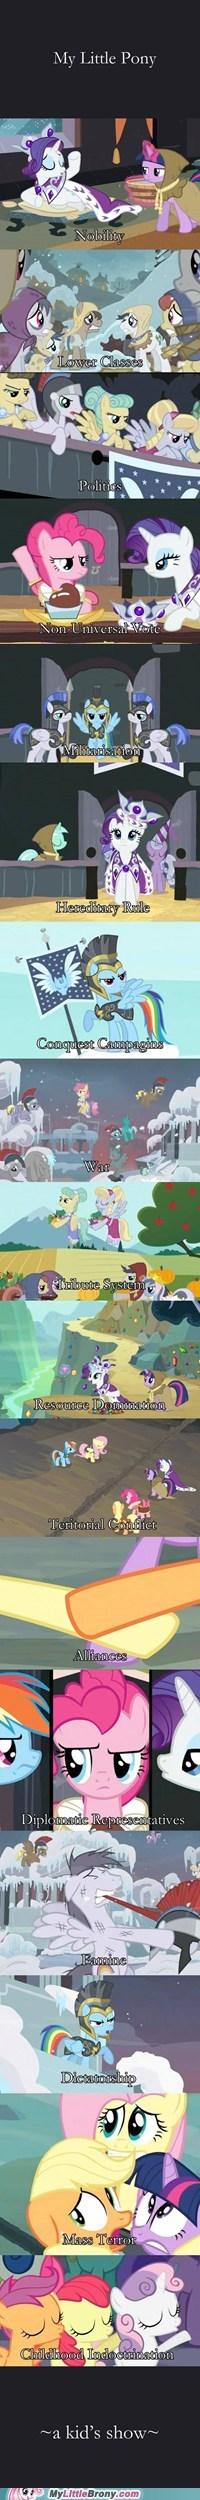 best of week Bronies comics kids show my little pony politics - 5579799040